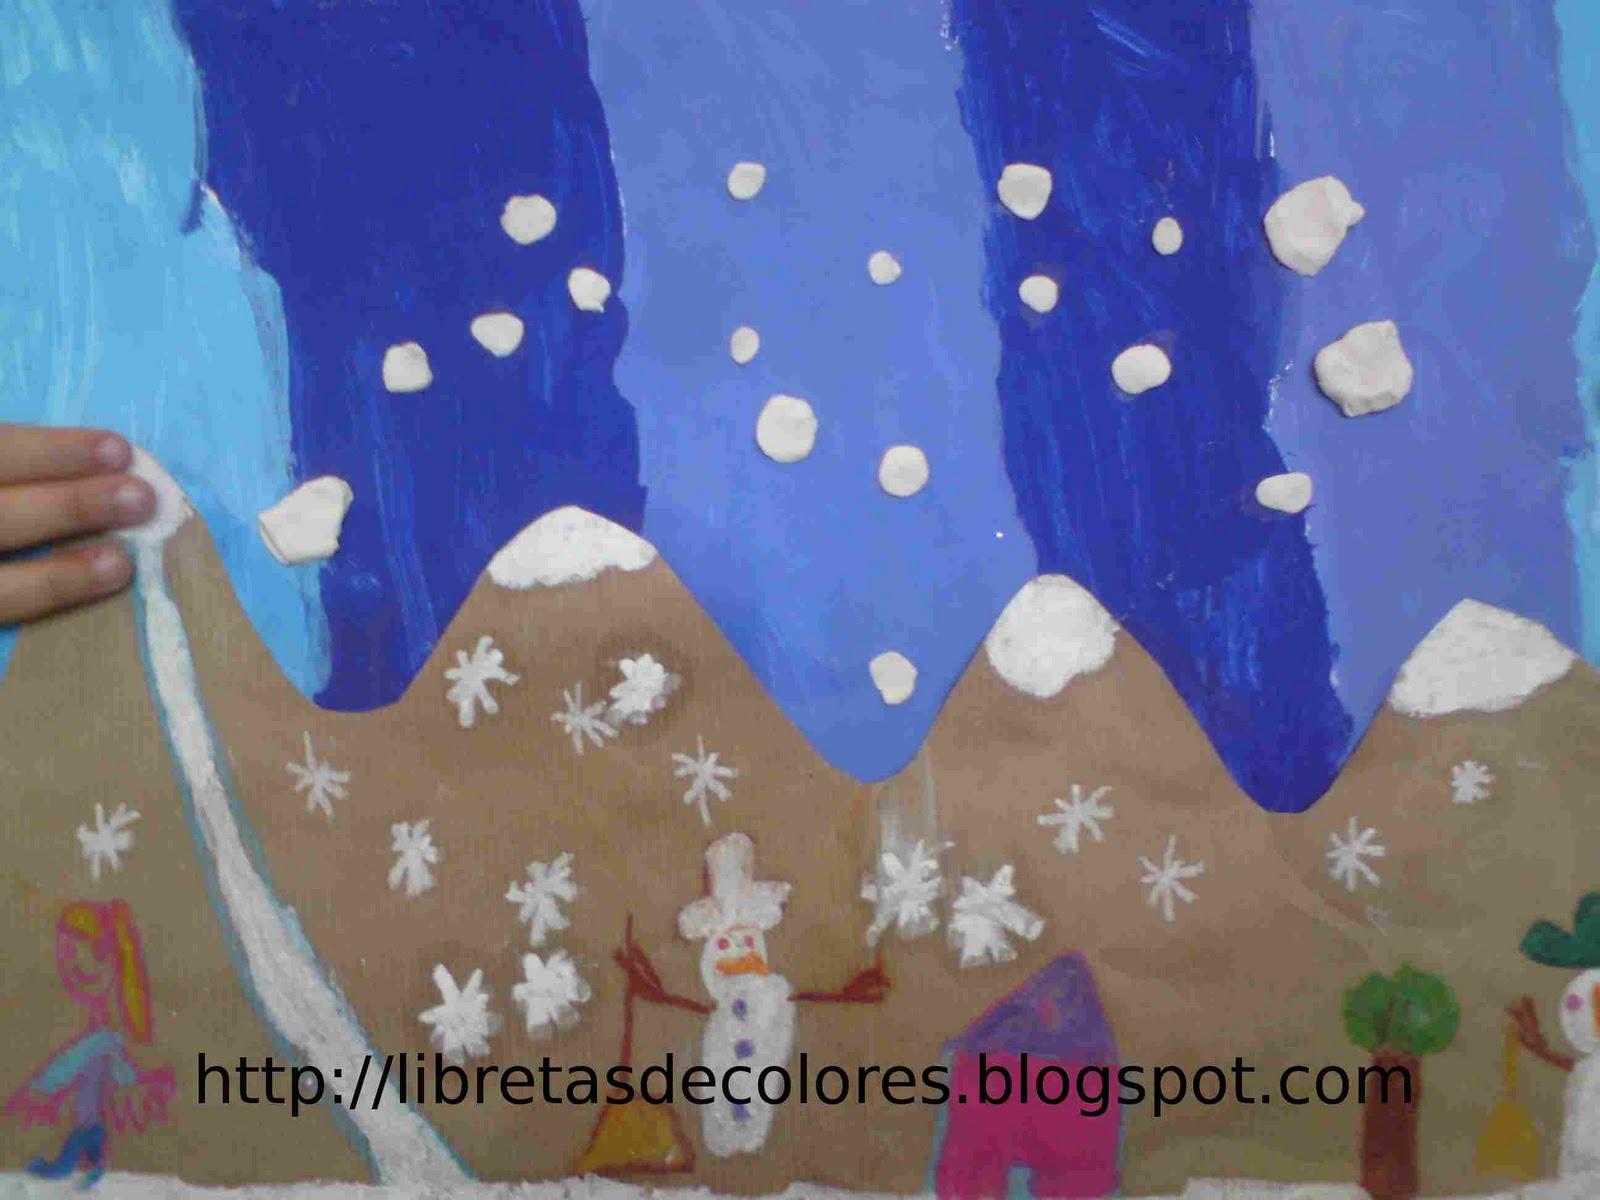 Libretas de colores un collage de invierno for Paisajes para murales de pared